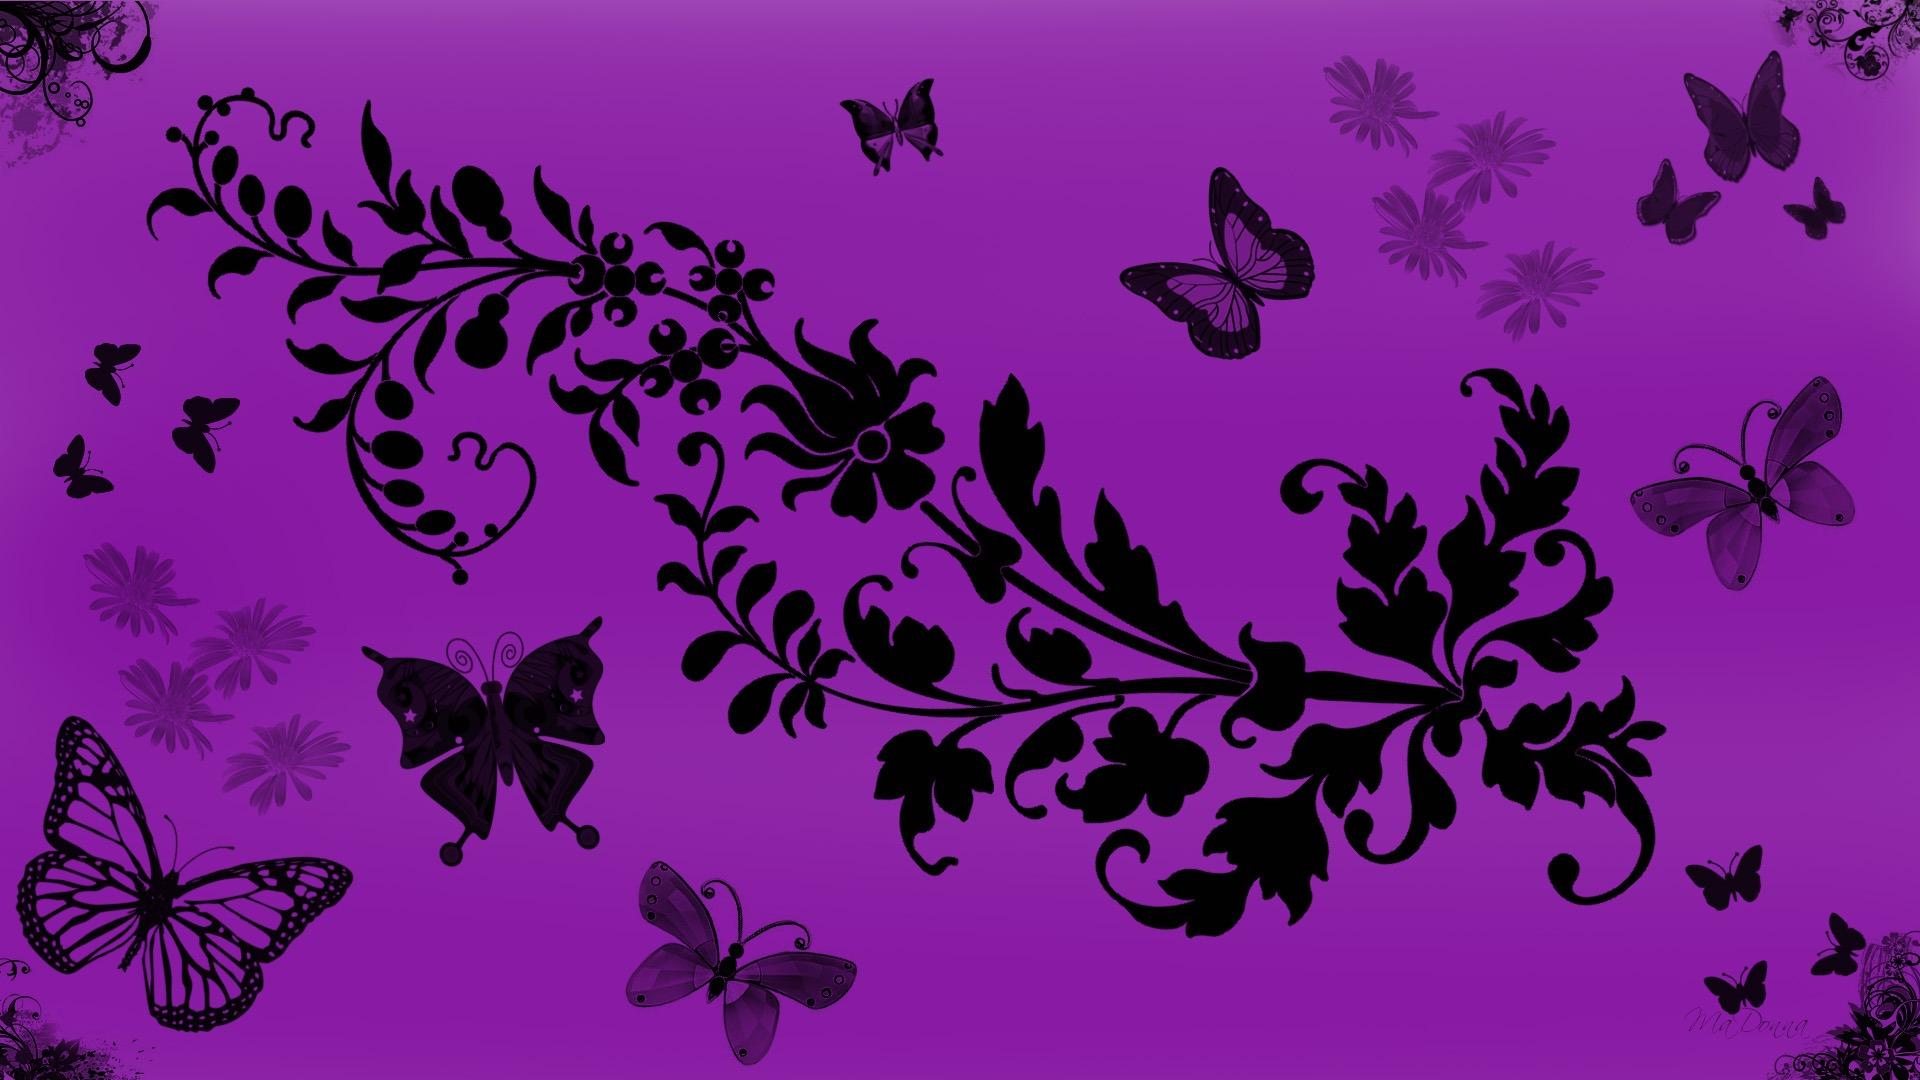 Purple Butterfly Desktop Wallpaper - WallpaperSafari